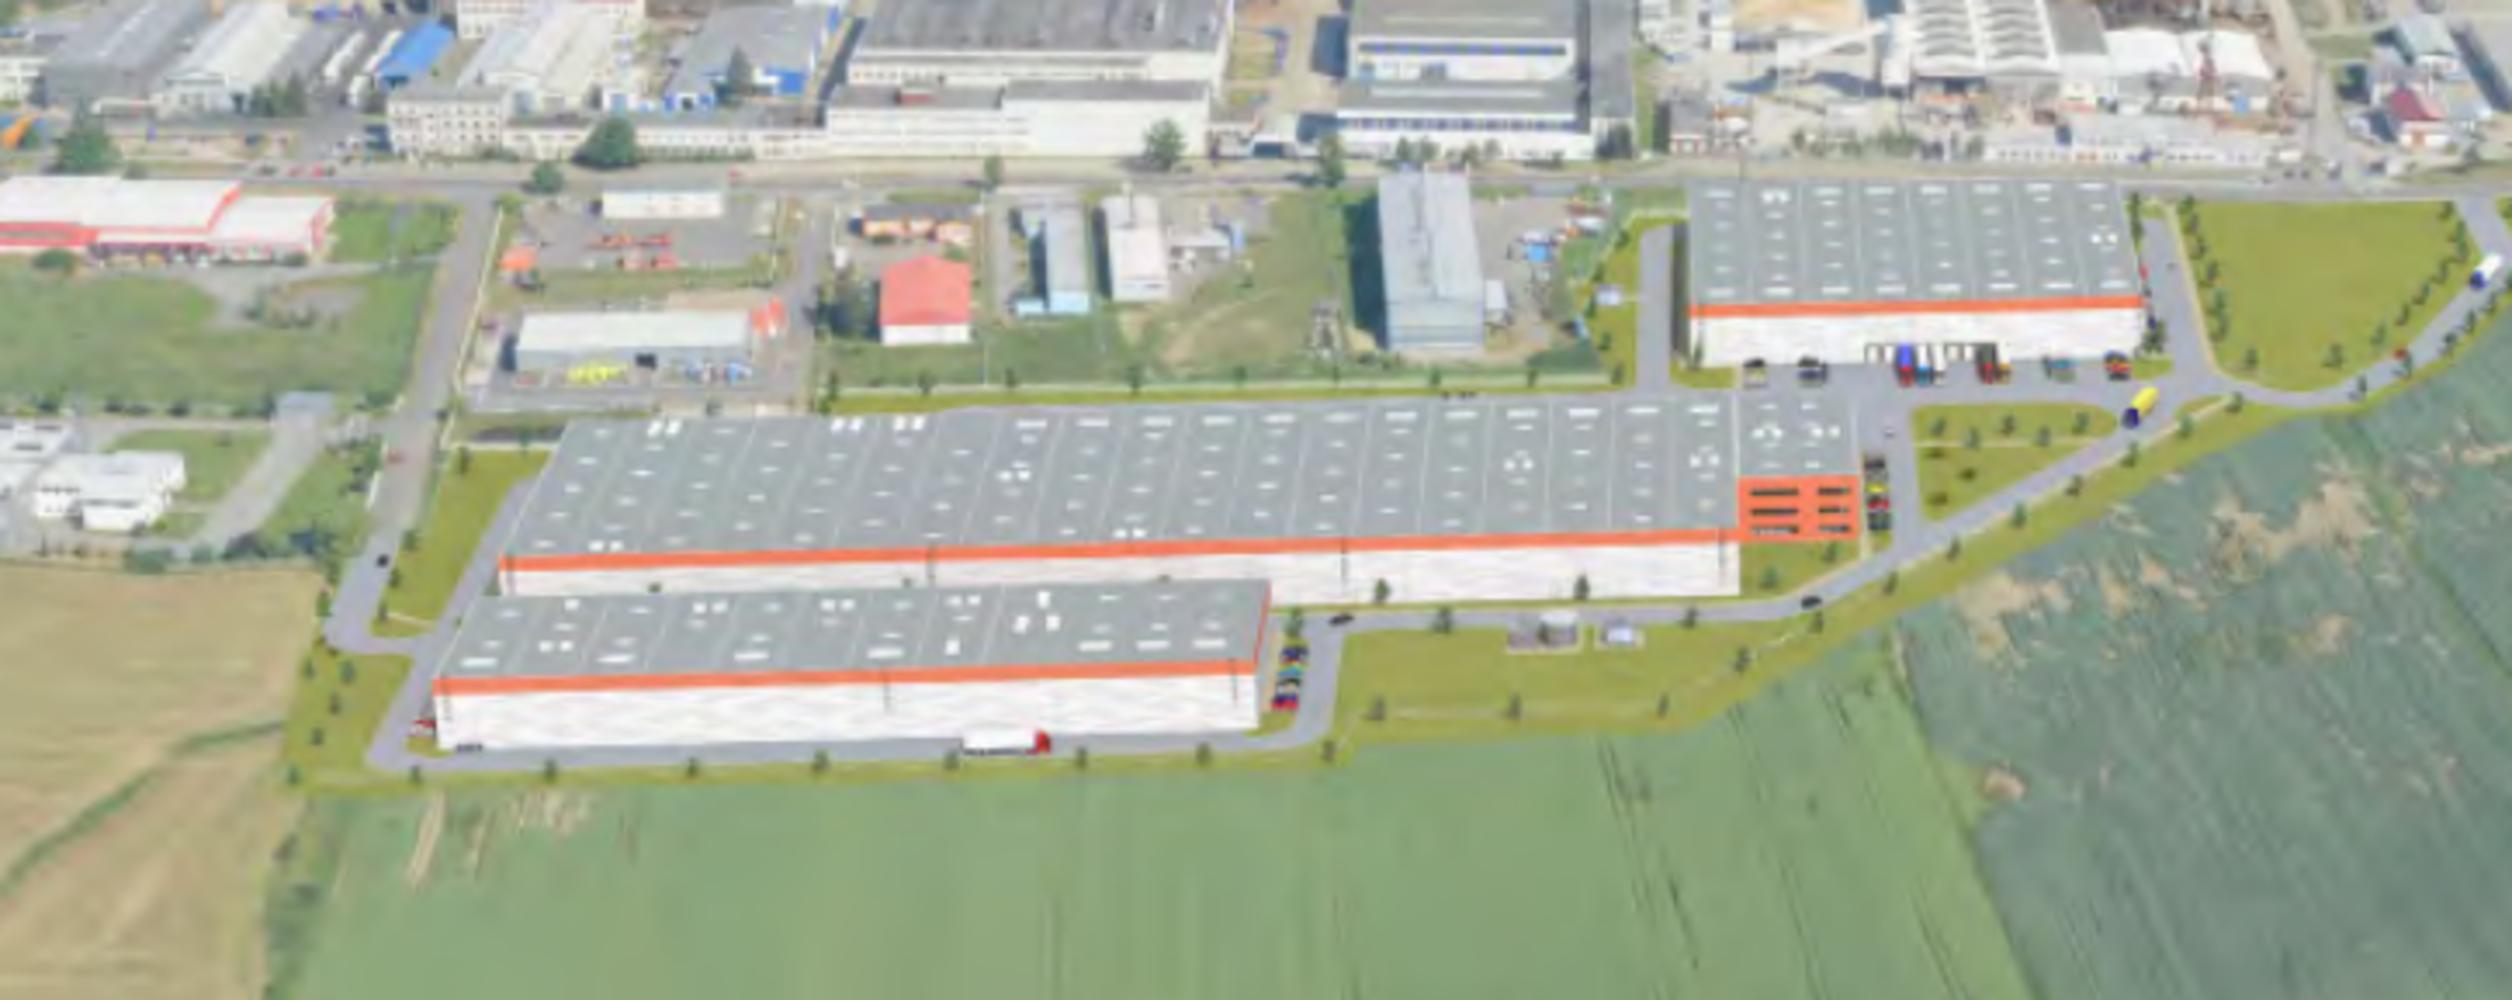 Industrial and logistics Plana nad luznici, 391 11 - CSPPark Planá nad Lužnicí - 080